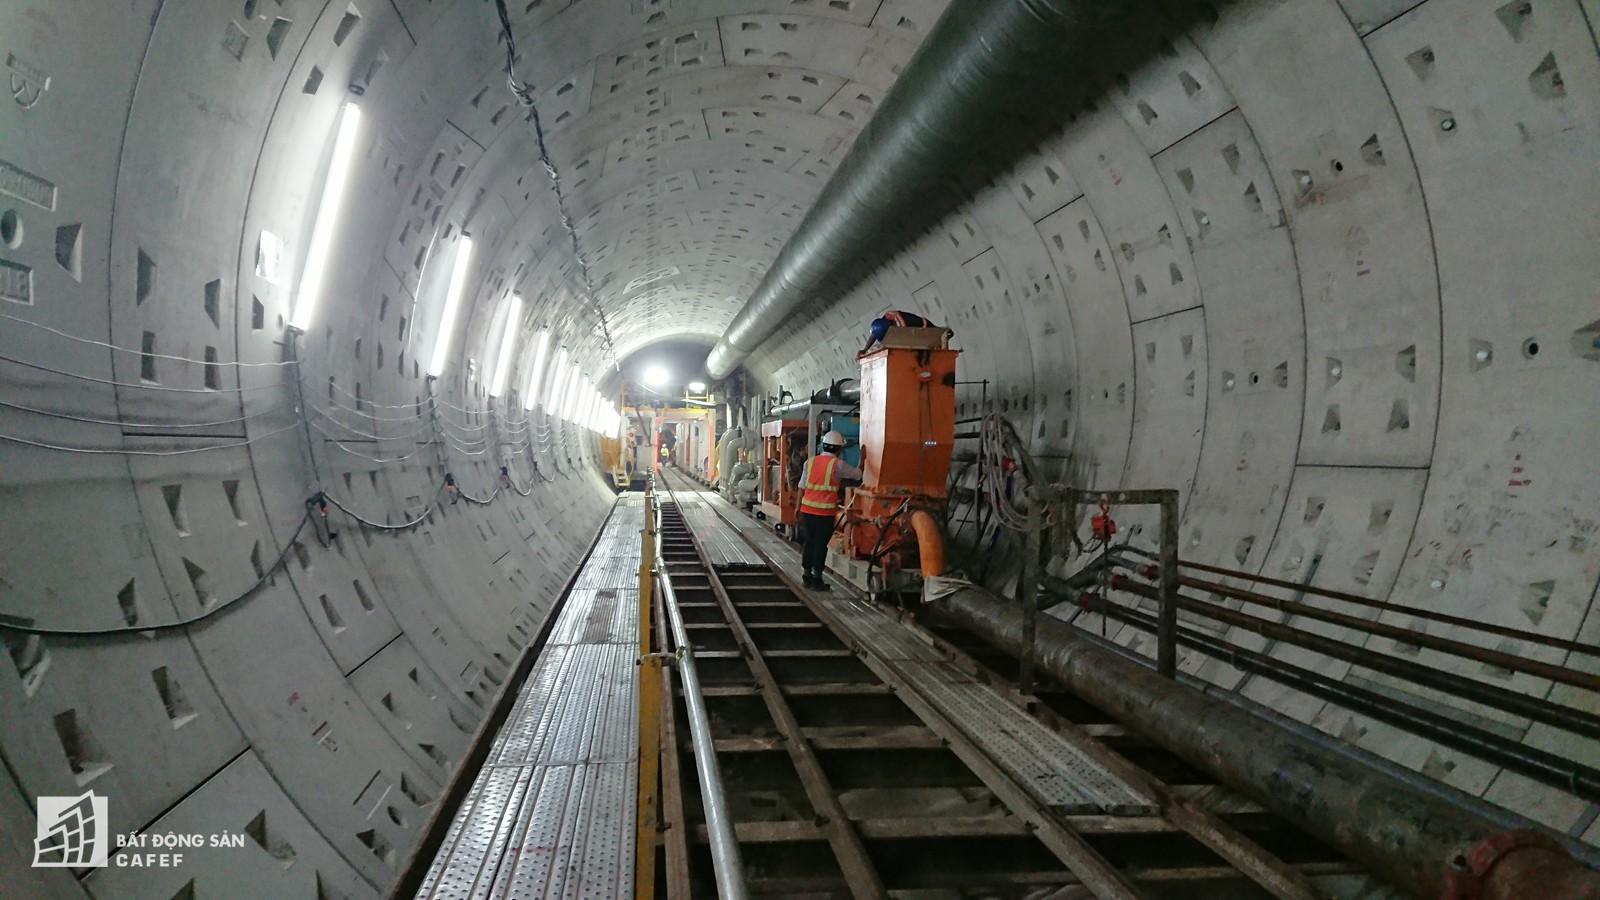 Ngắm đường hầm tàu điện đầu tiên tại Việt Nam sâu 17m dưới lòng đất Sài Gòn - Ảnh 9.